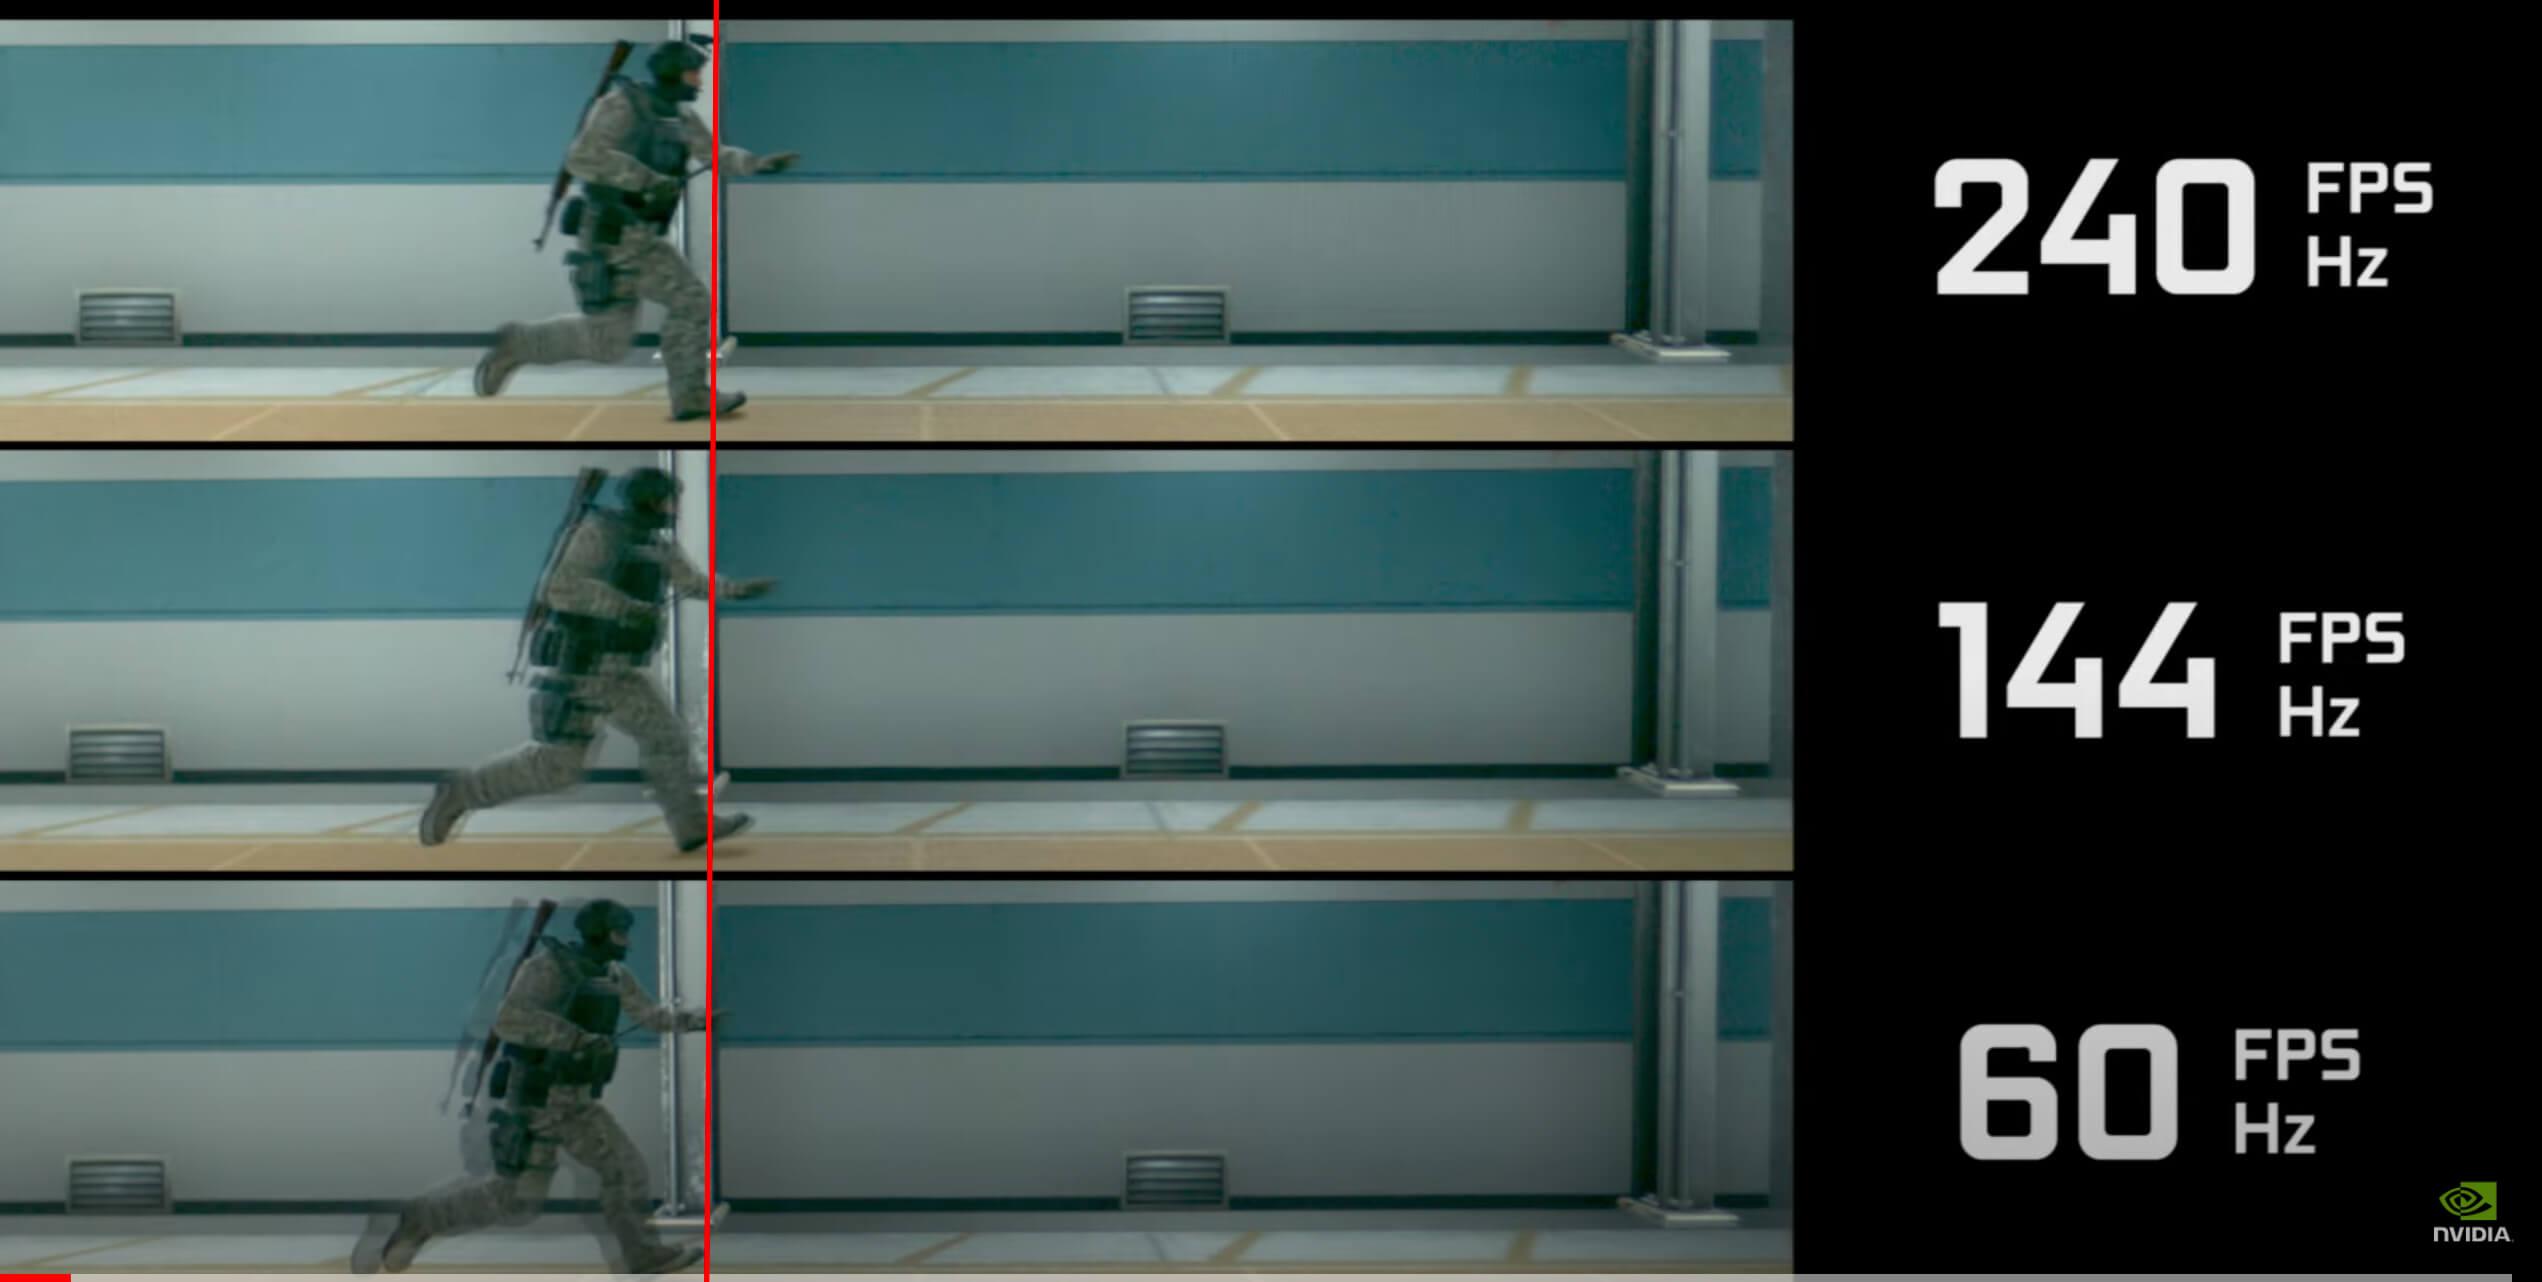 リフレッシュレートの違いを赤線でわかりやすく